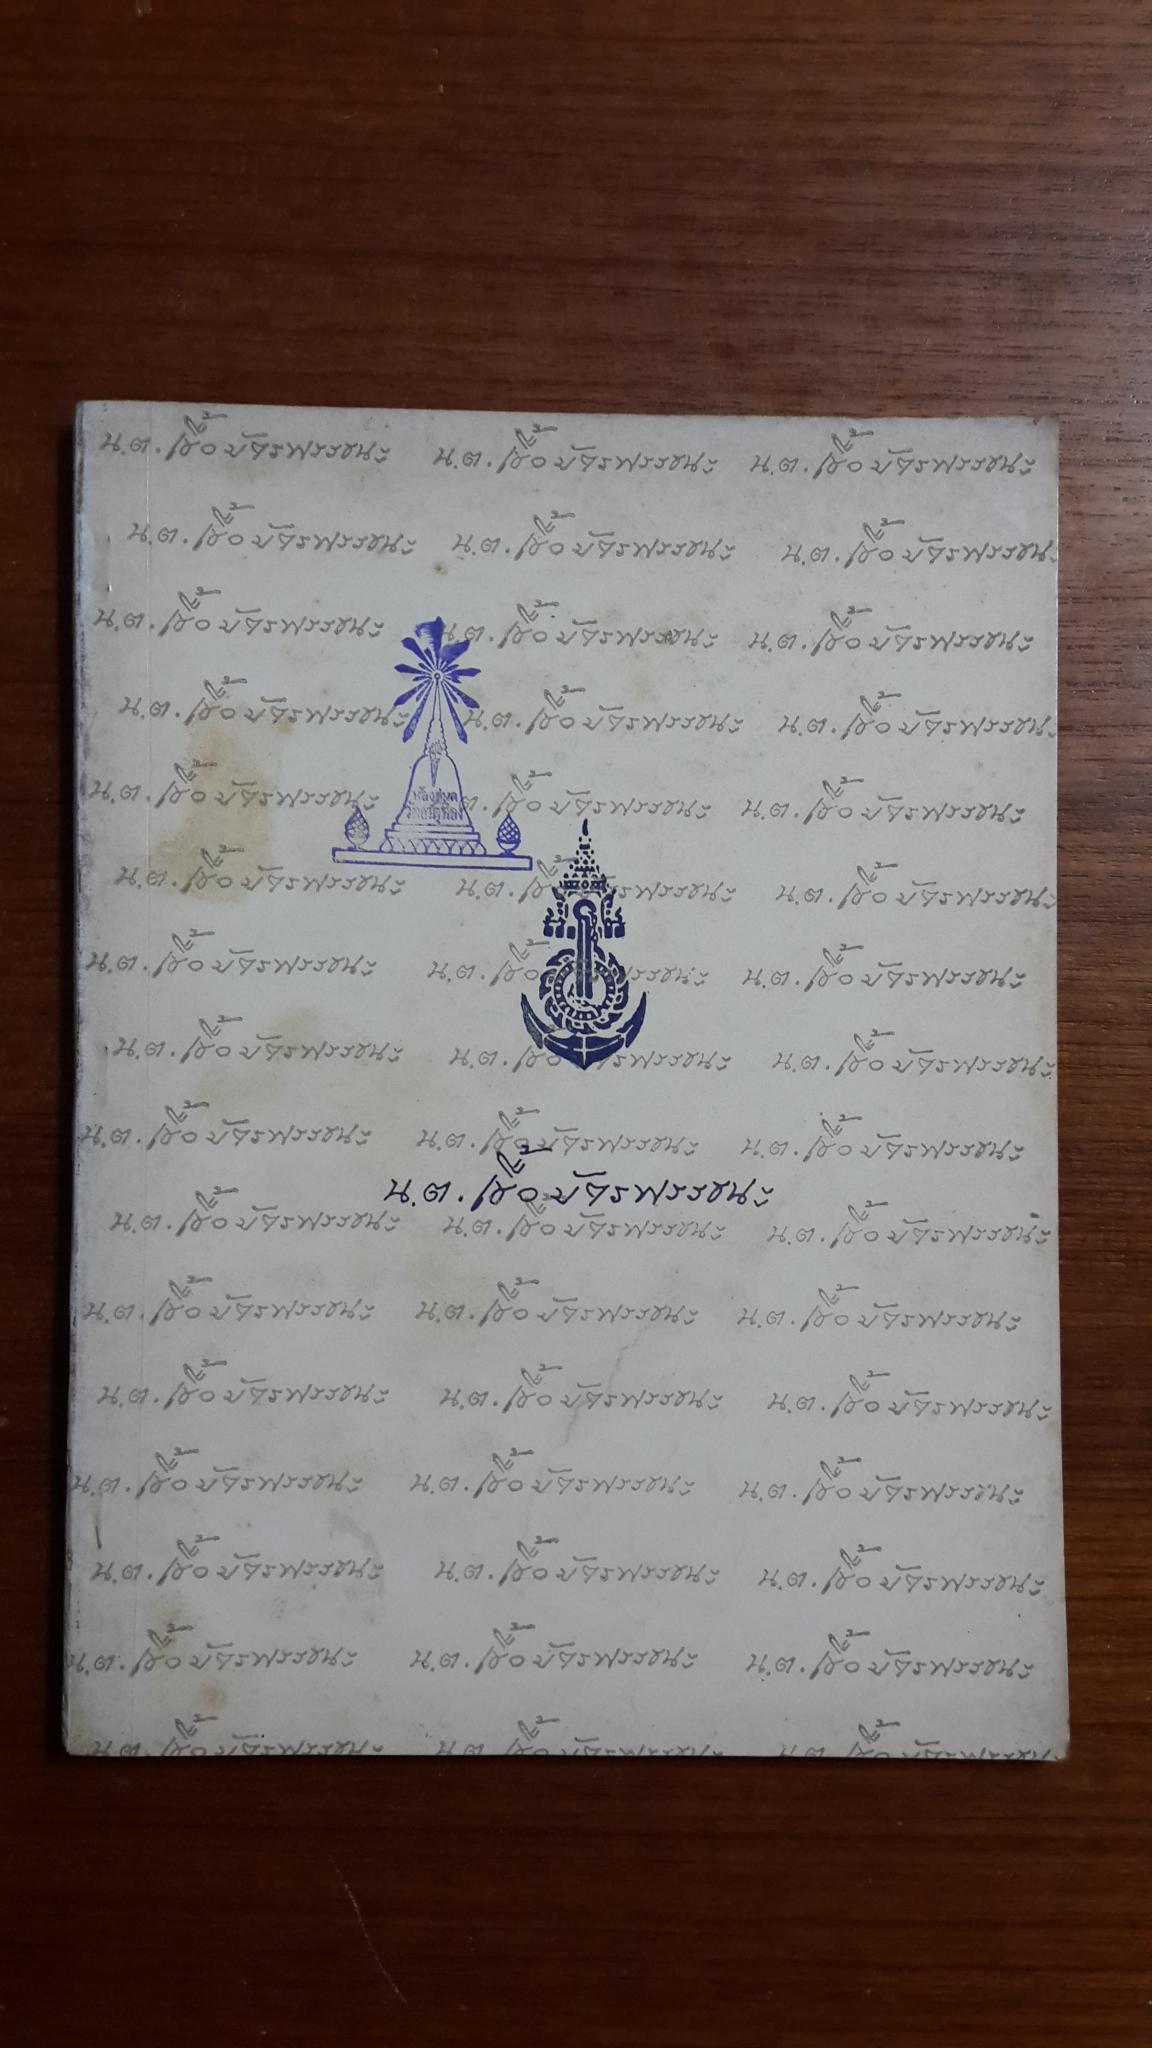 อนุสรณ์ในงานพระราชทานเพลิงศพ นาวาตรี เชื้อ บัตรพรรธนะ (มีตราห้องสมุด)